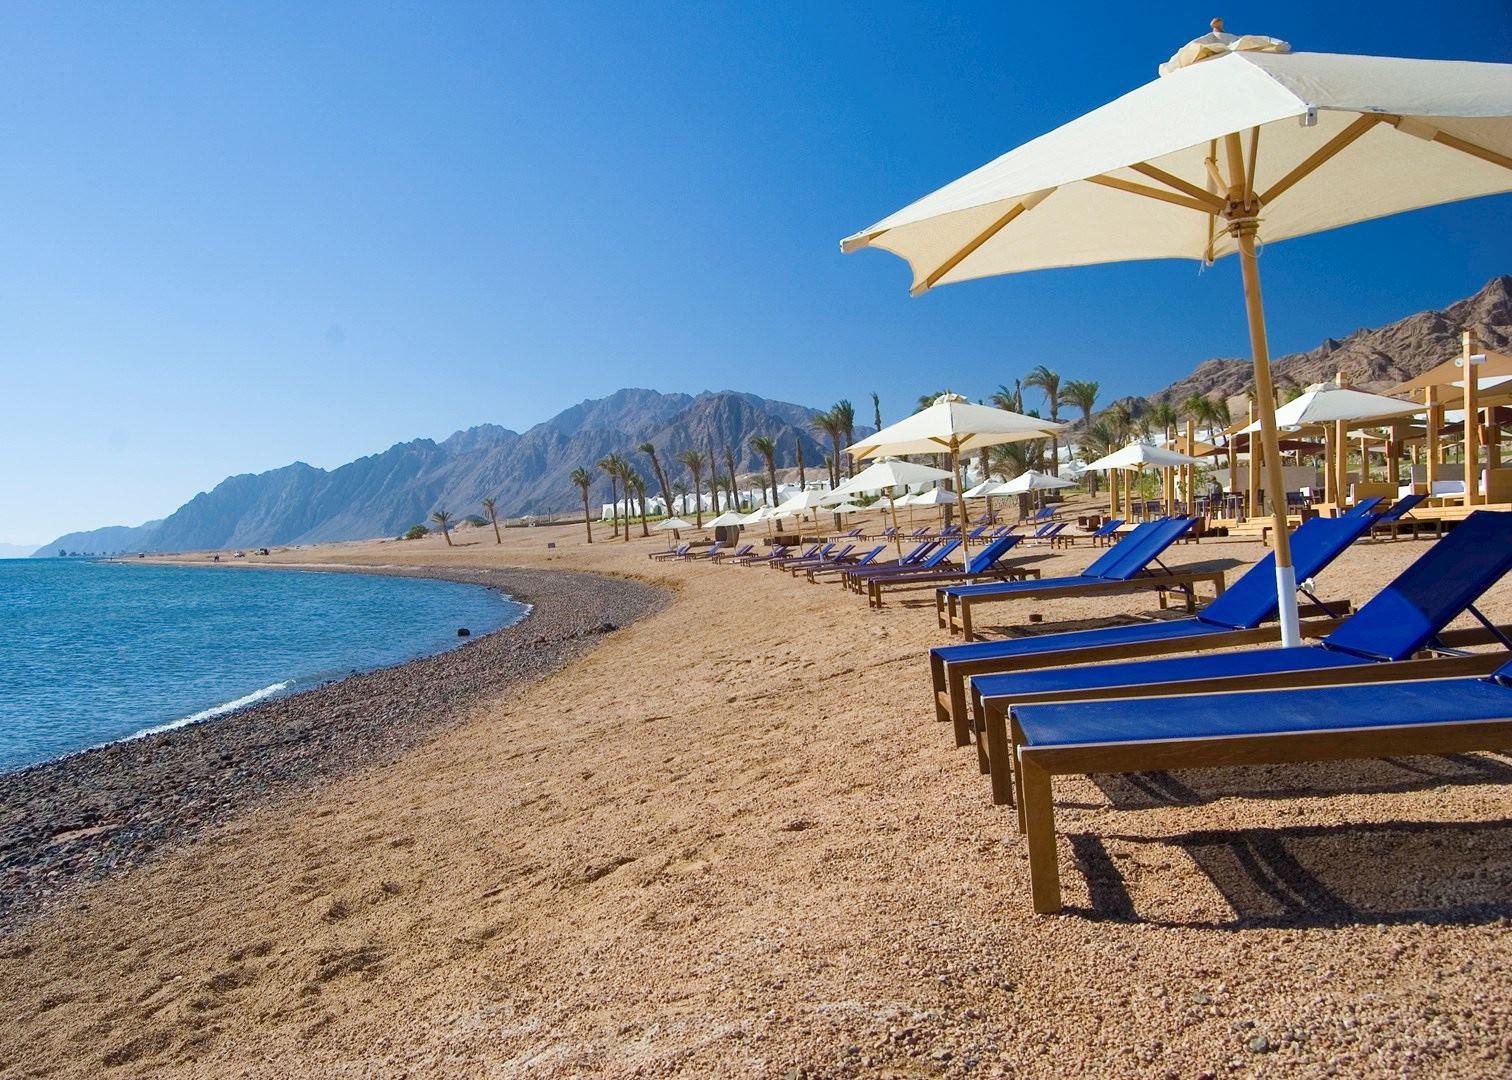 Cairo & Beach